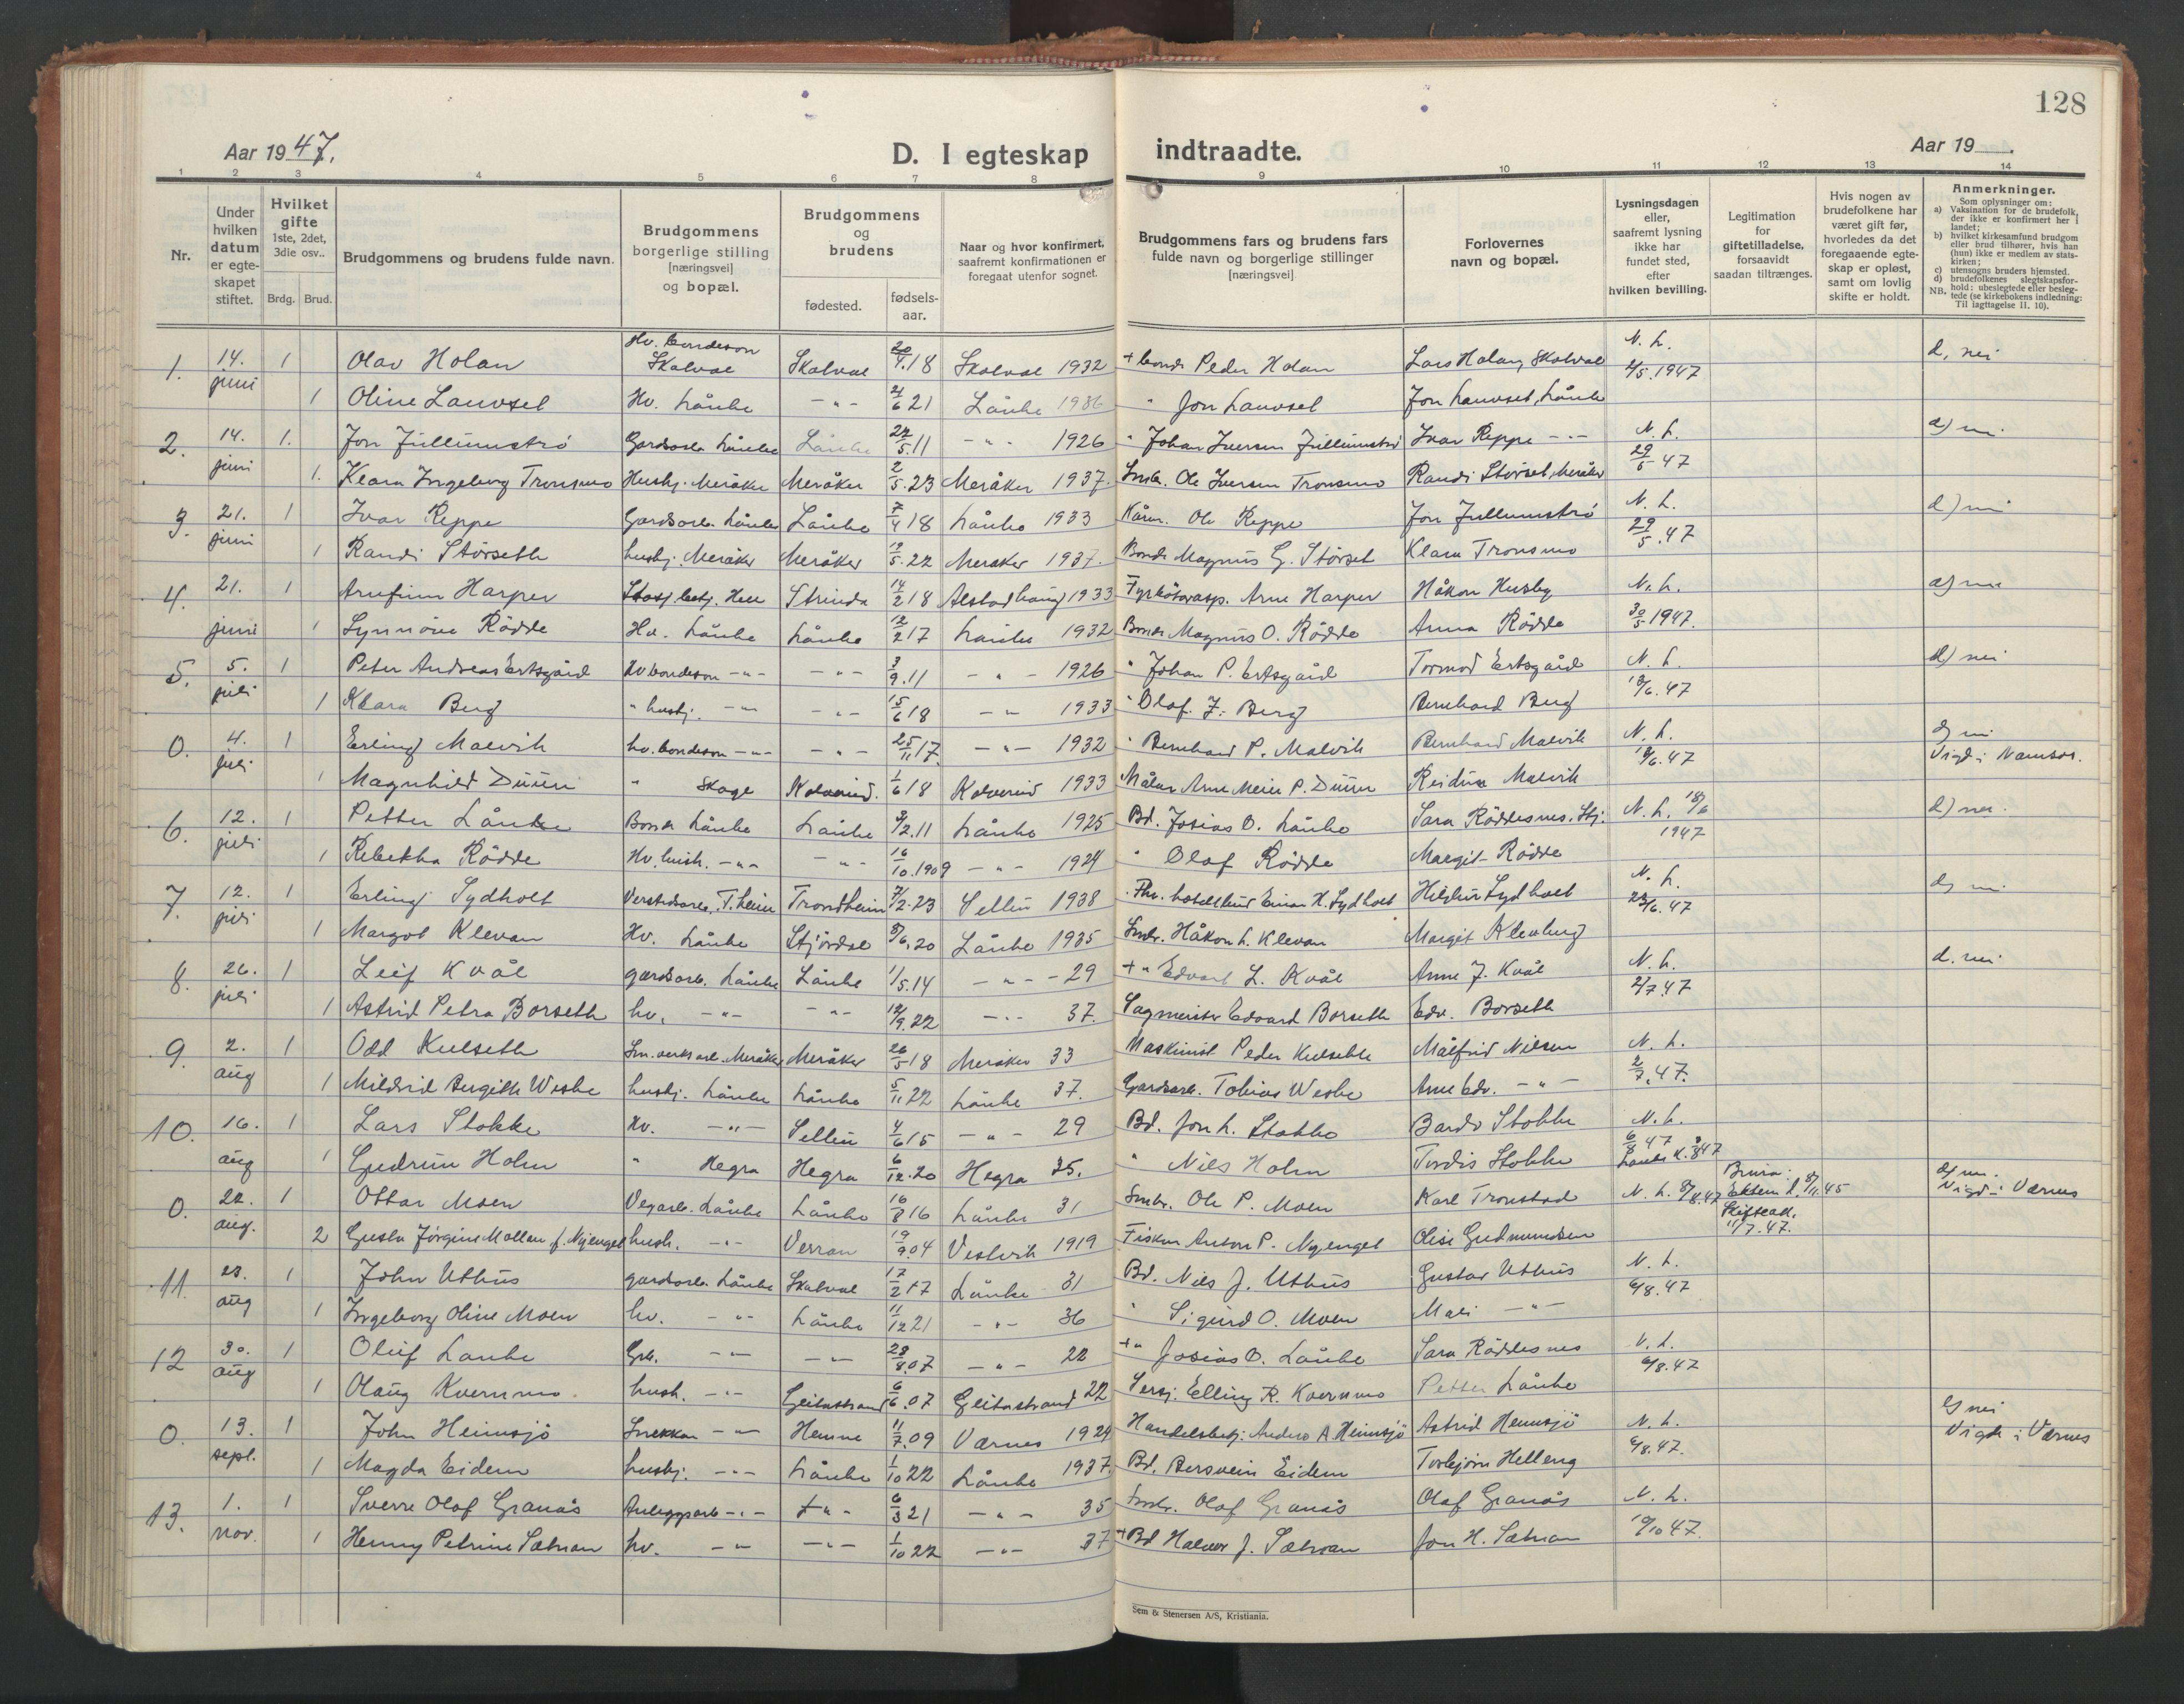 SAT, Ministerialprotokoller, klokkerbøker og fødselsregistre - Nord-Trøndelag, 710/L0097: Klokkerbok nr. 710C02, 1925-1955, s. 128